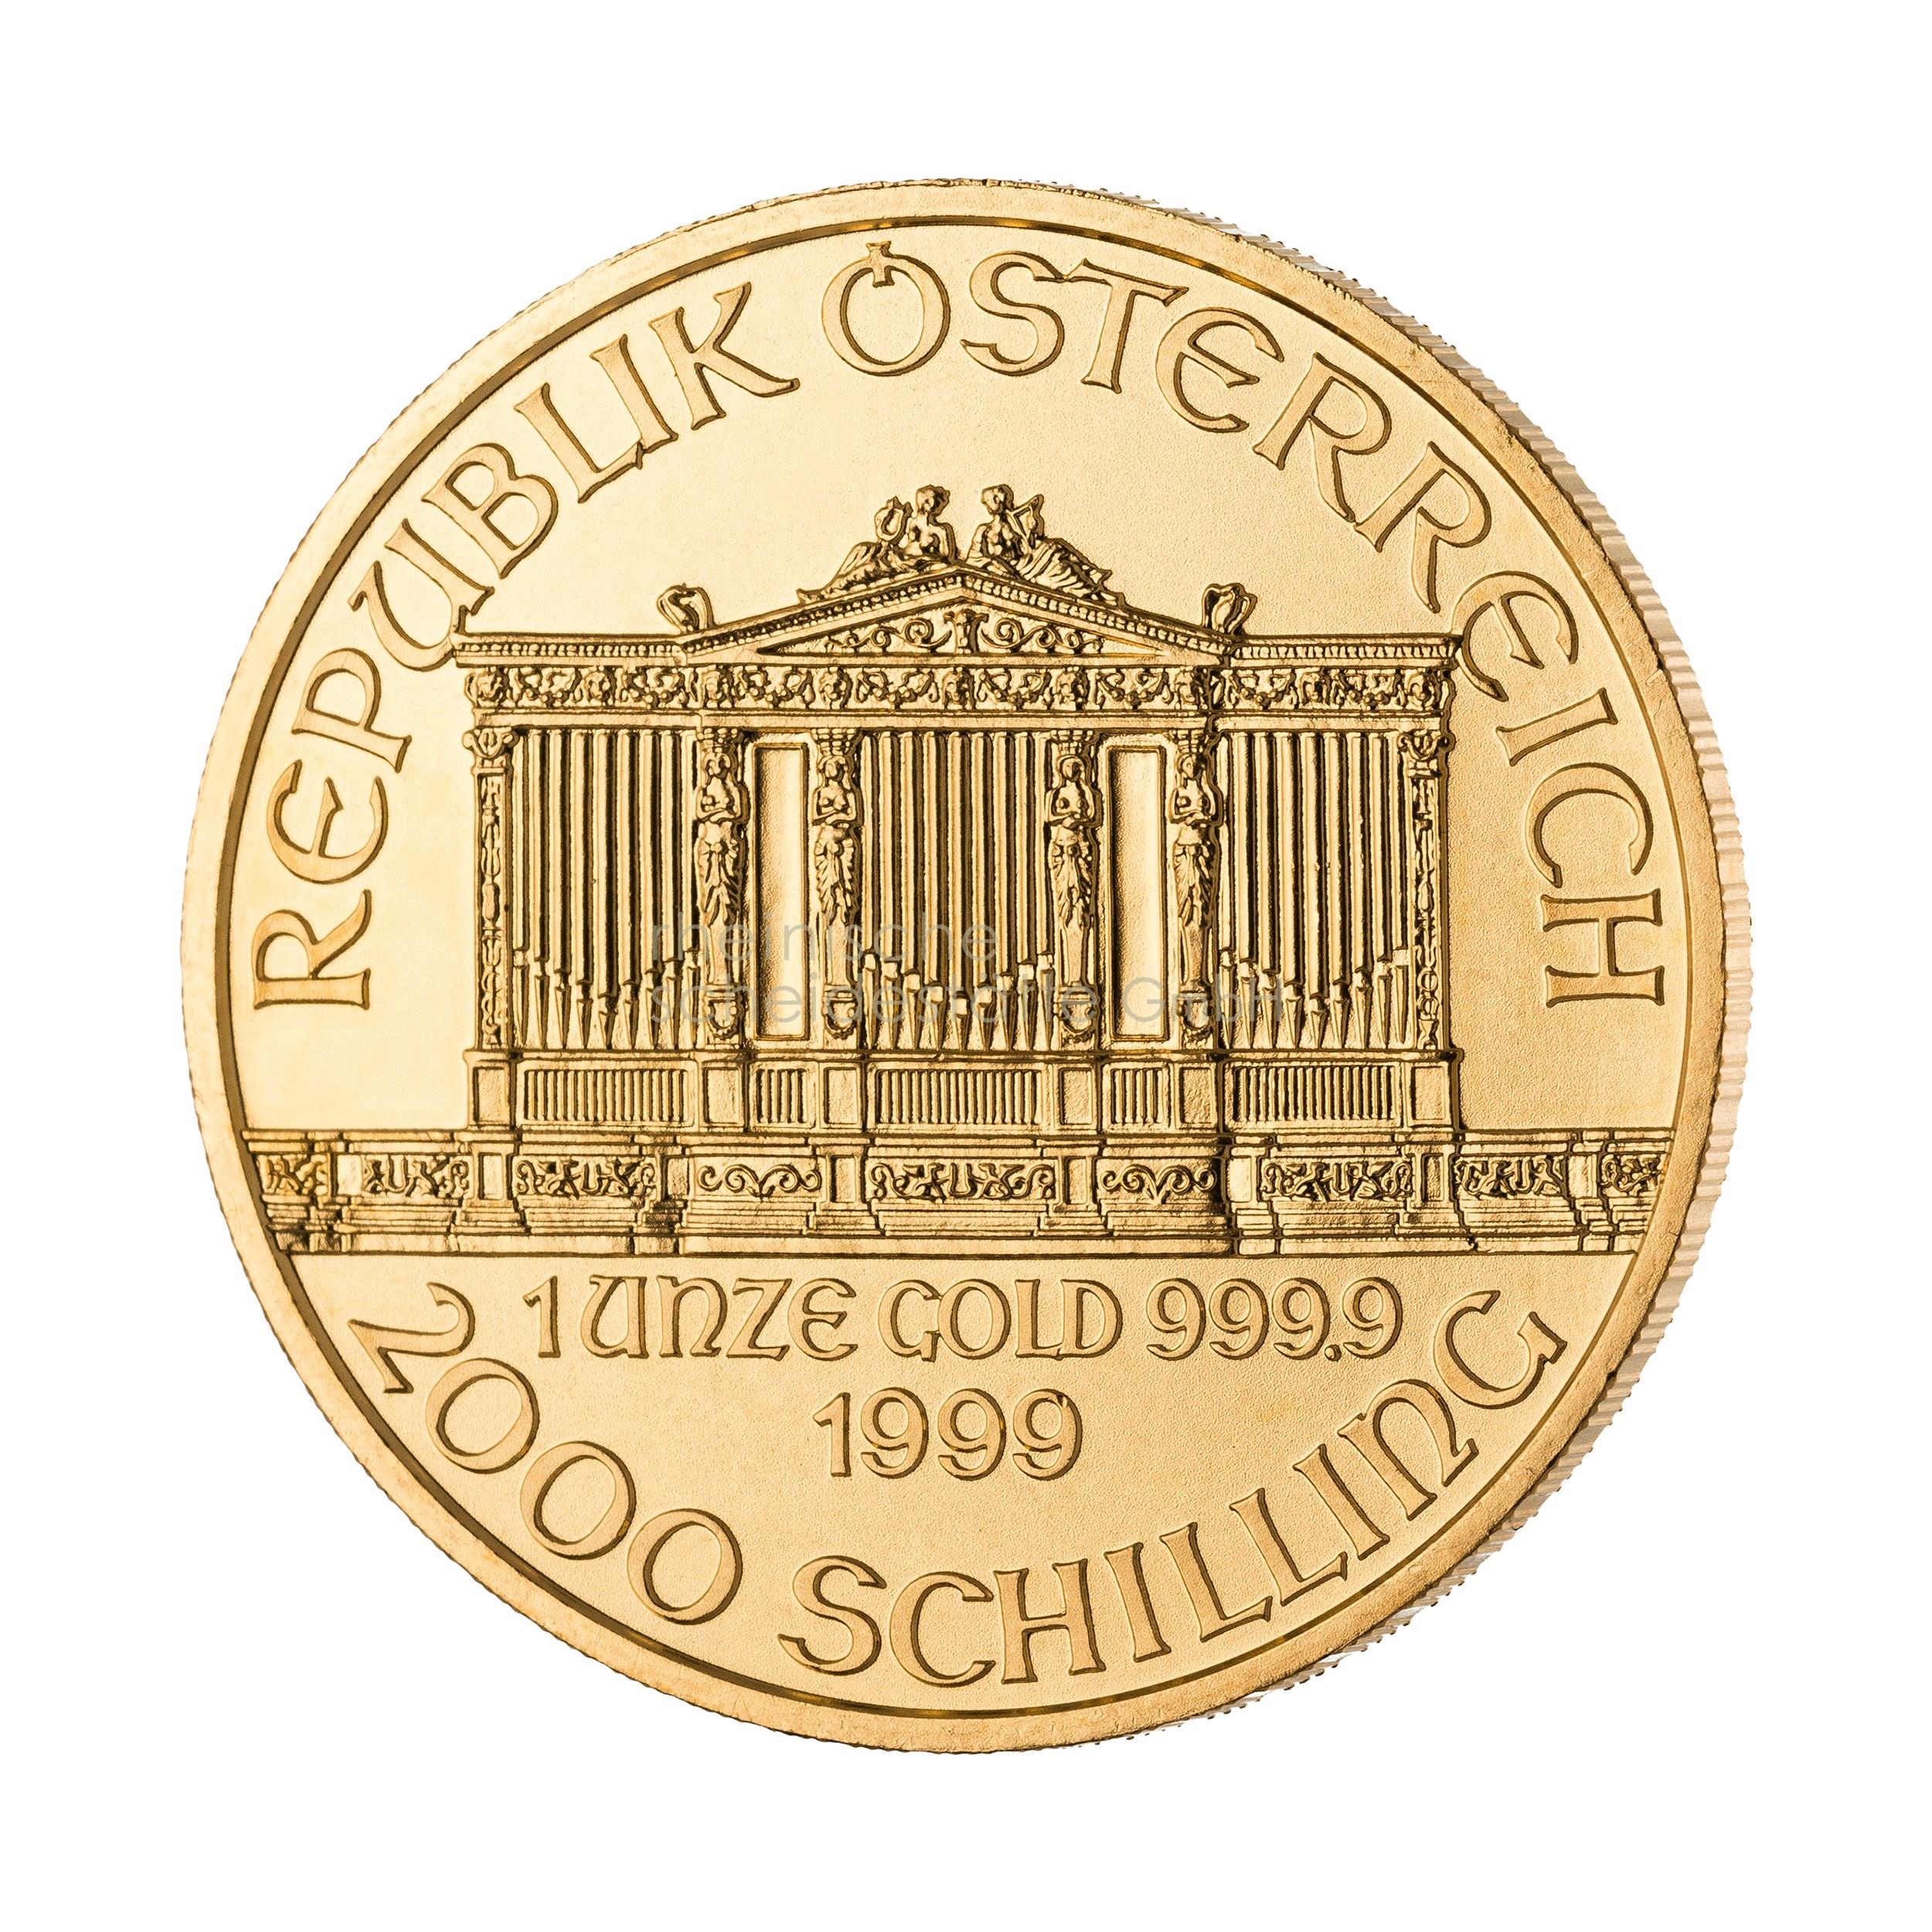 1 Unze Wiener Philarmoniker Goldmünze 1